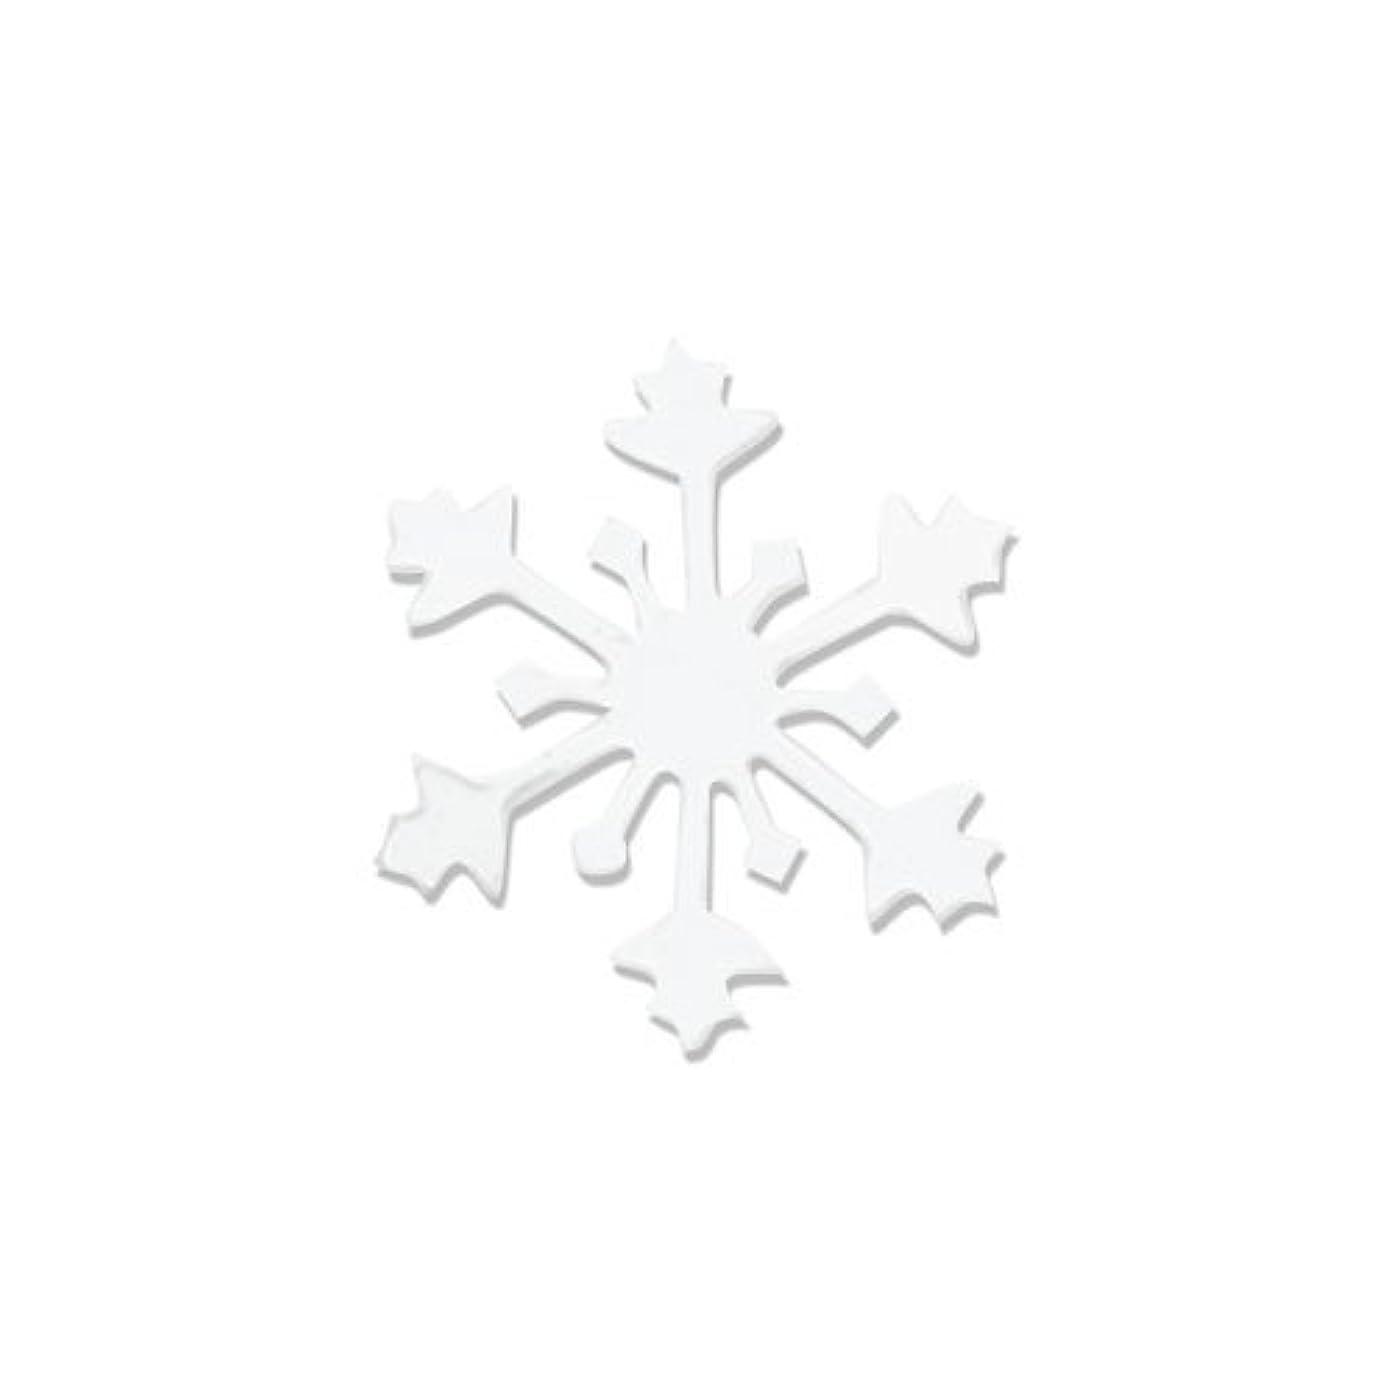 財団ディンカルビル吸い込むリトルプリティー ネイルアートパーツ スノークリスタル SS ホワイト 15個